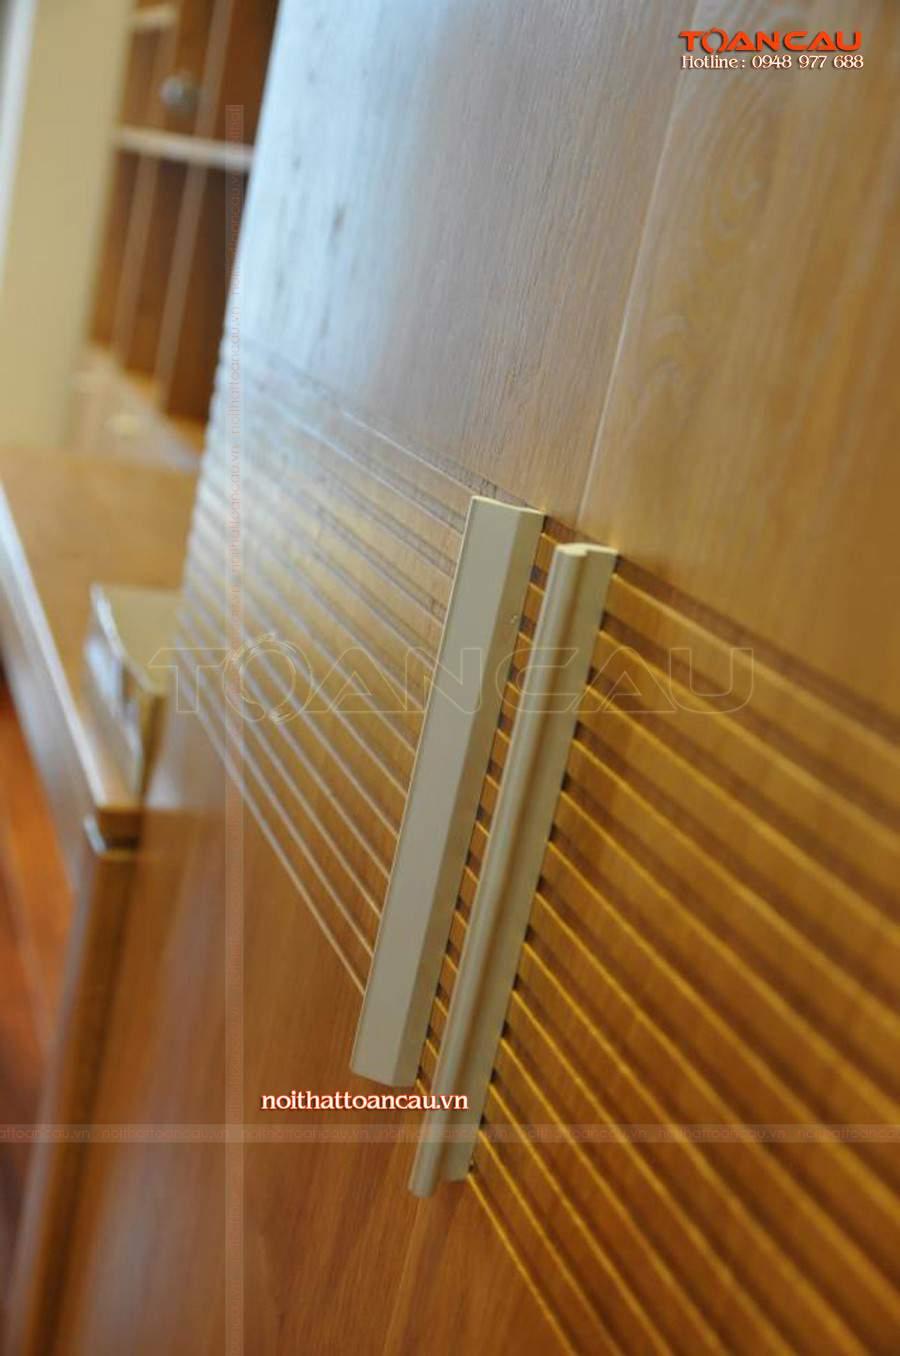 Nội thất phòng ngủ thiết kế bằng gỗ Sồi chắc chắn, bảo hành lâu dài khi đến với nội thất Toàn Cầu